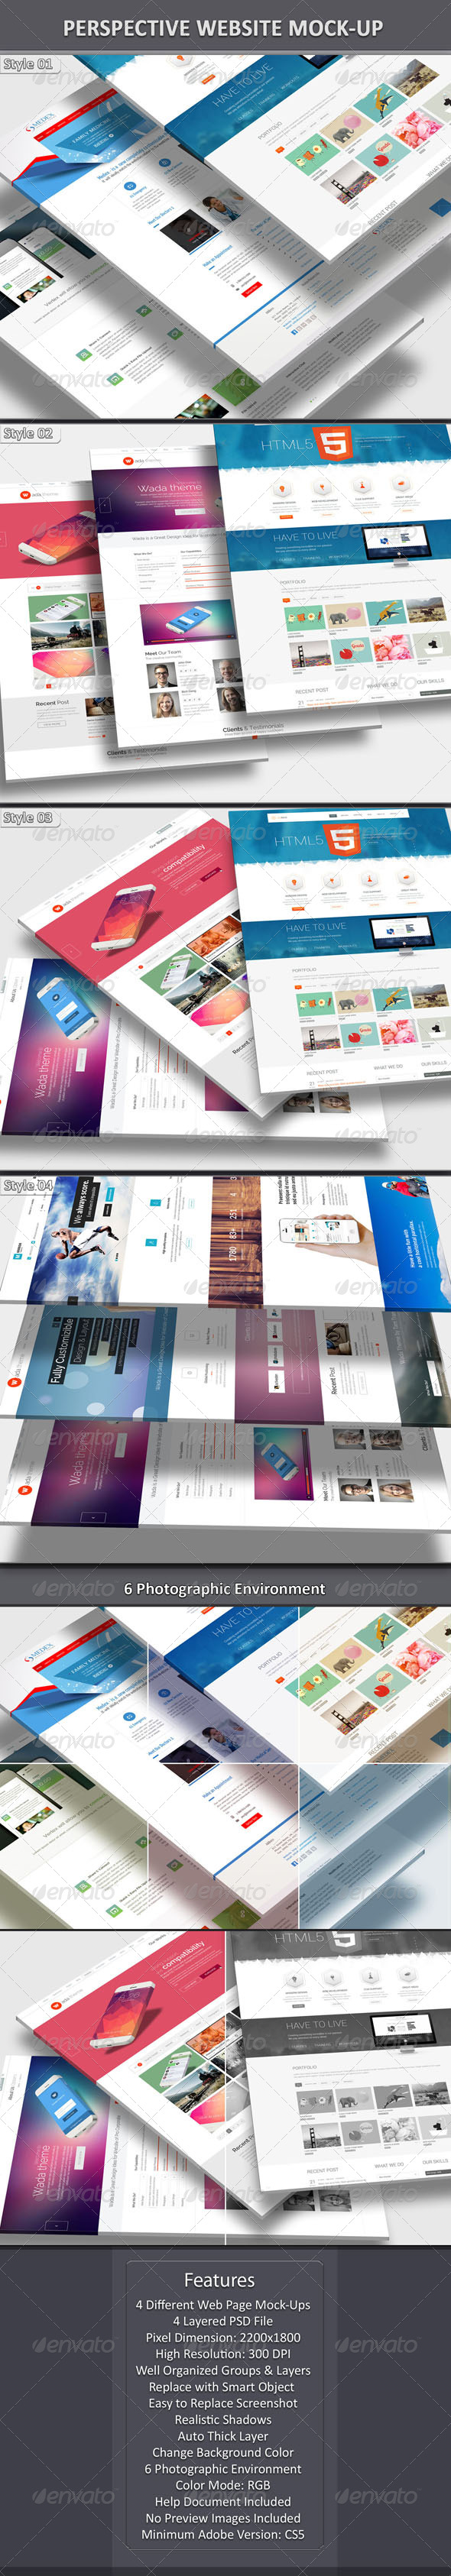 Perspective Web Mock-Up - Website Displays